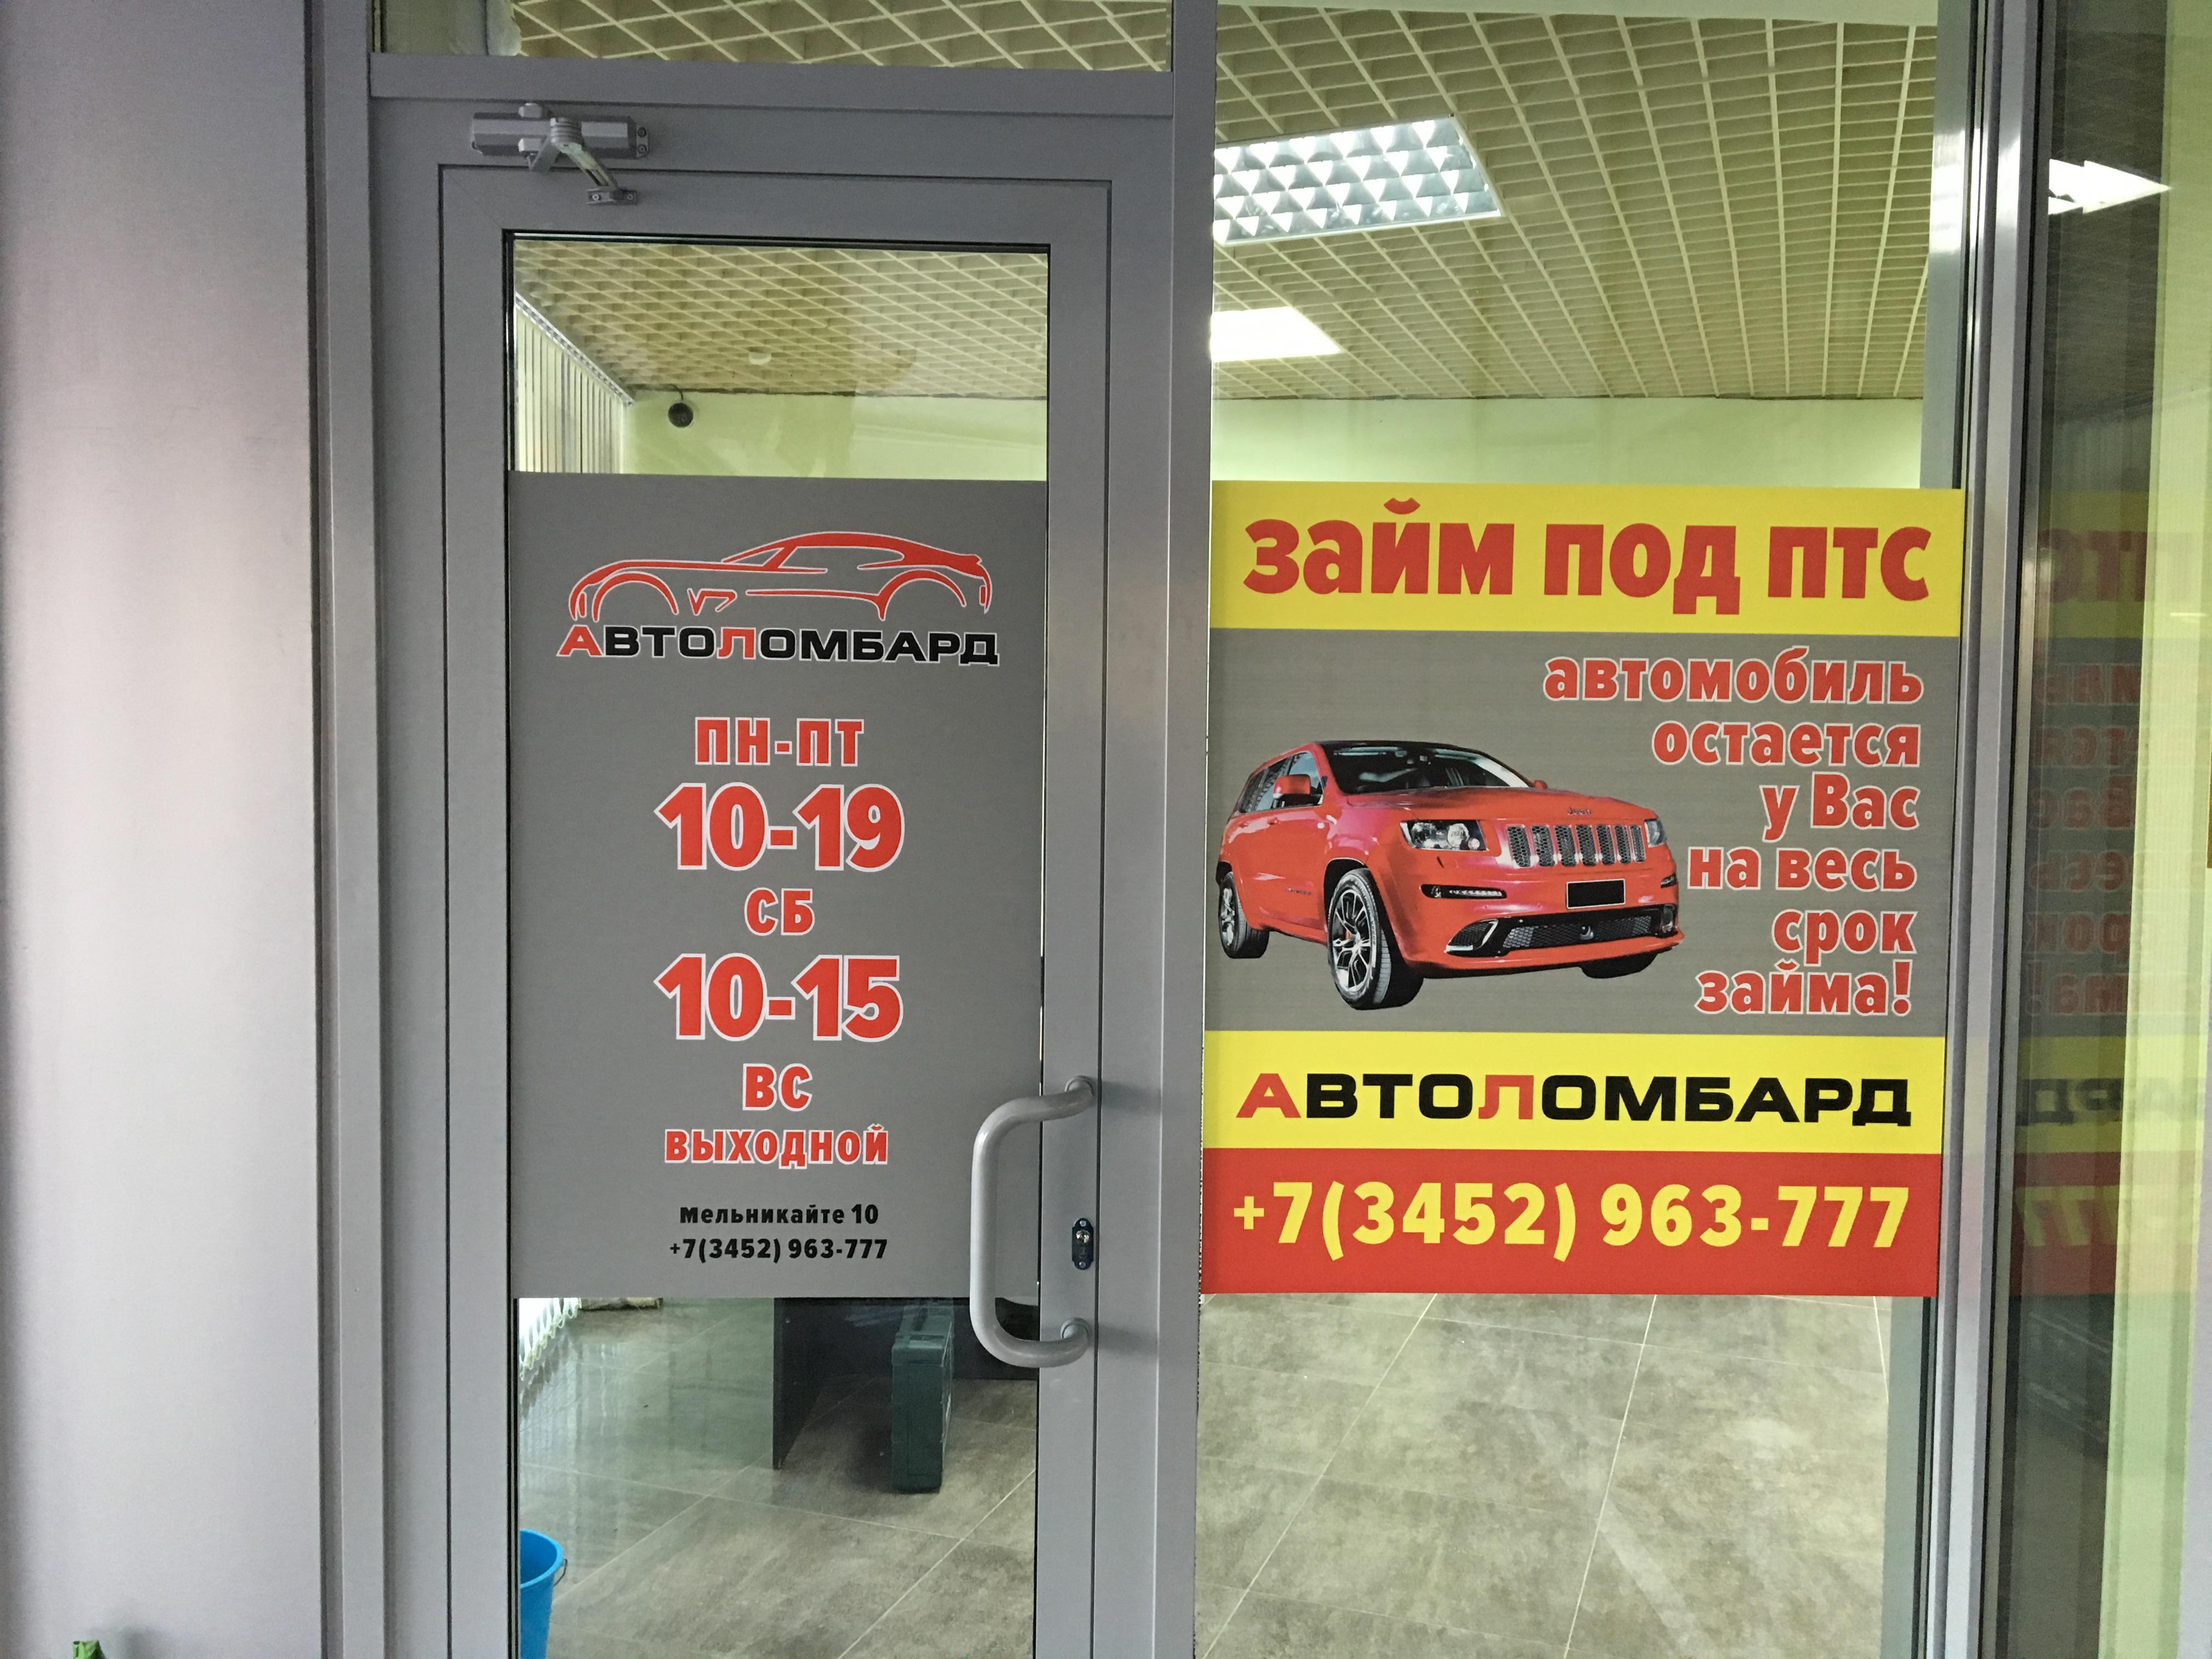 Вакансии ломбард автомобильный профессиональном на образовании часа среднем стоимость